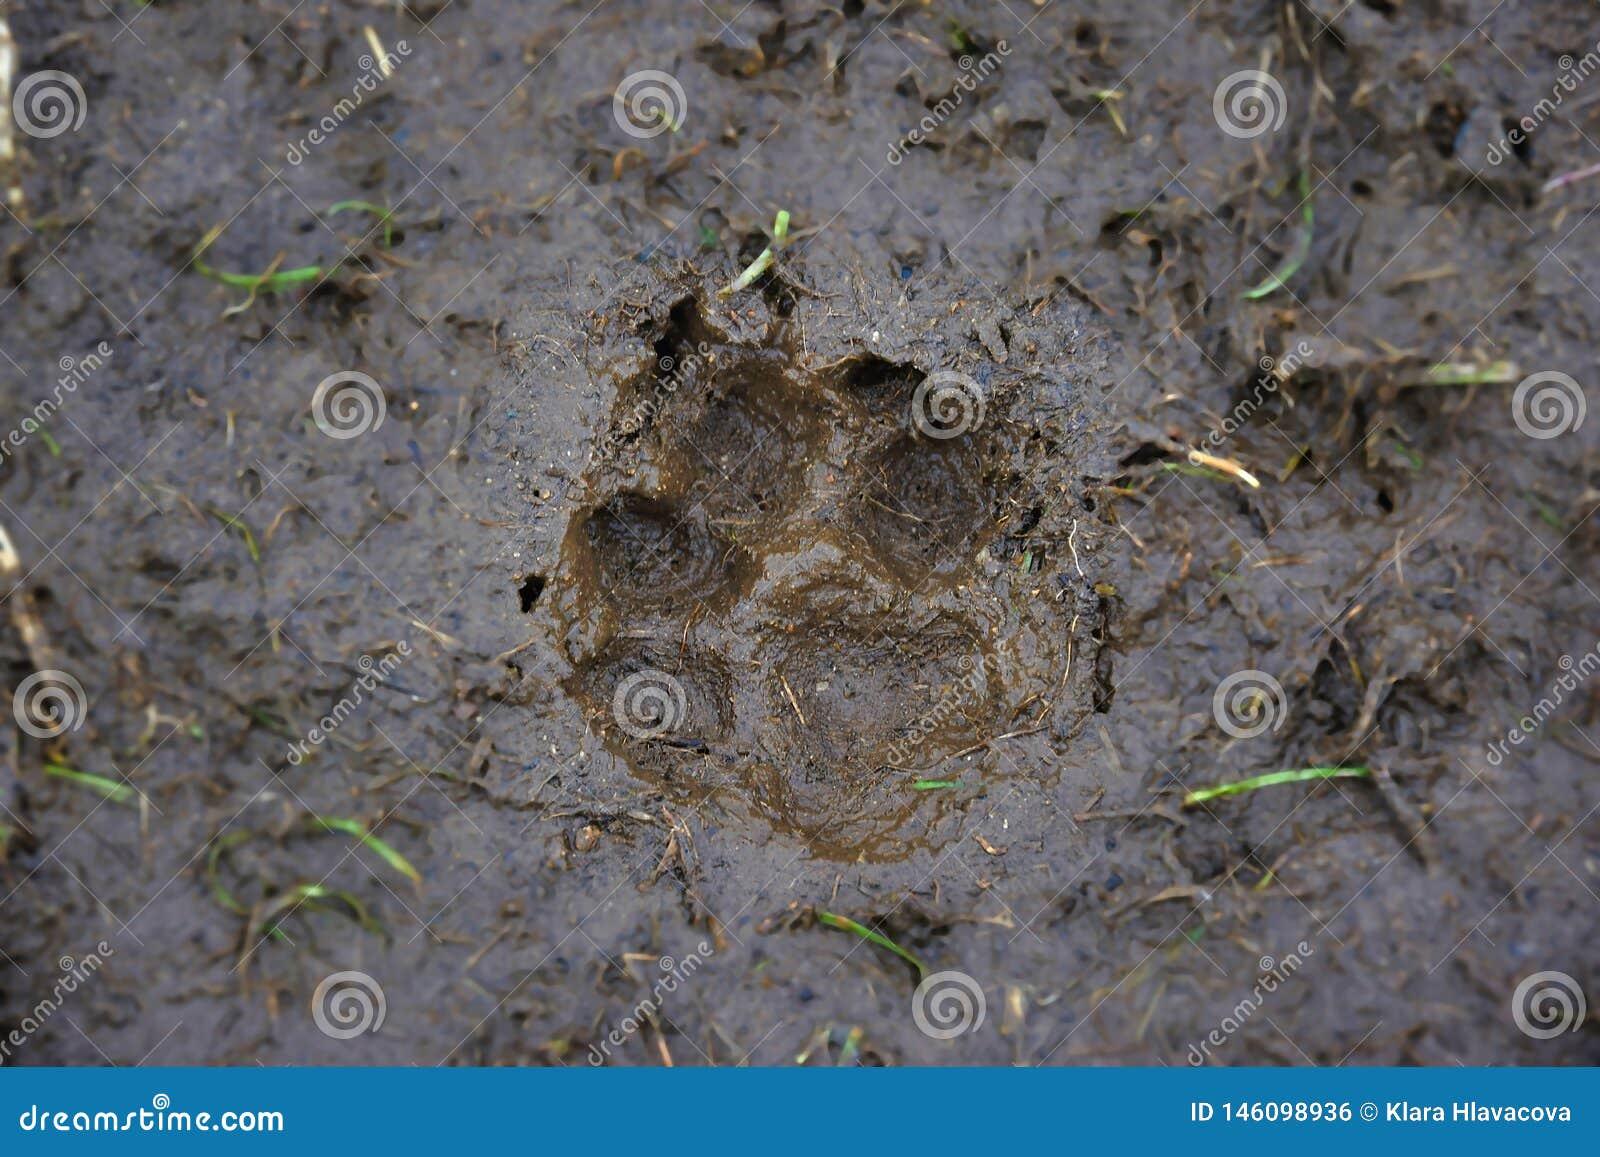 Voetafdruk van een hond in de modder